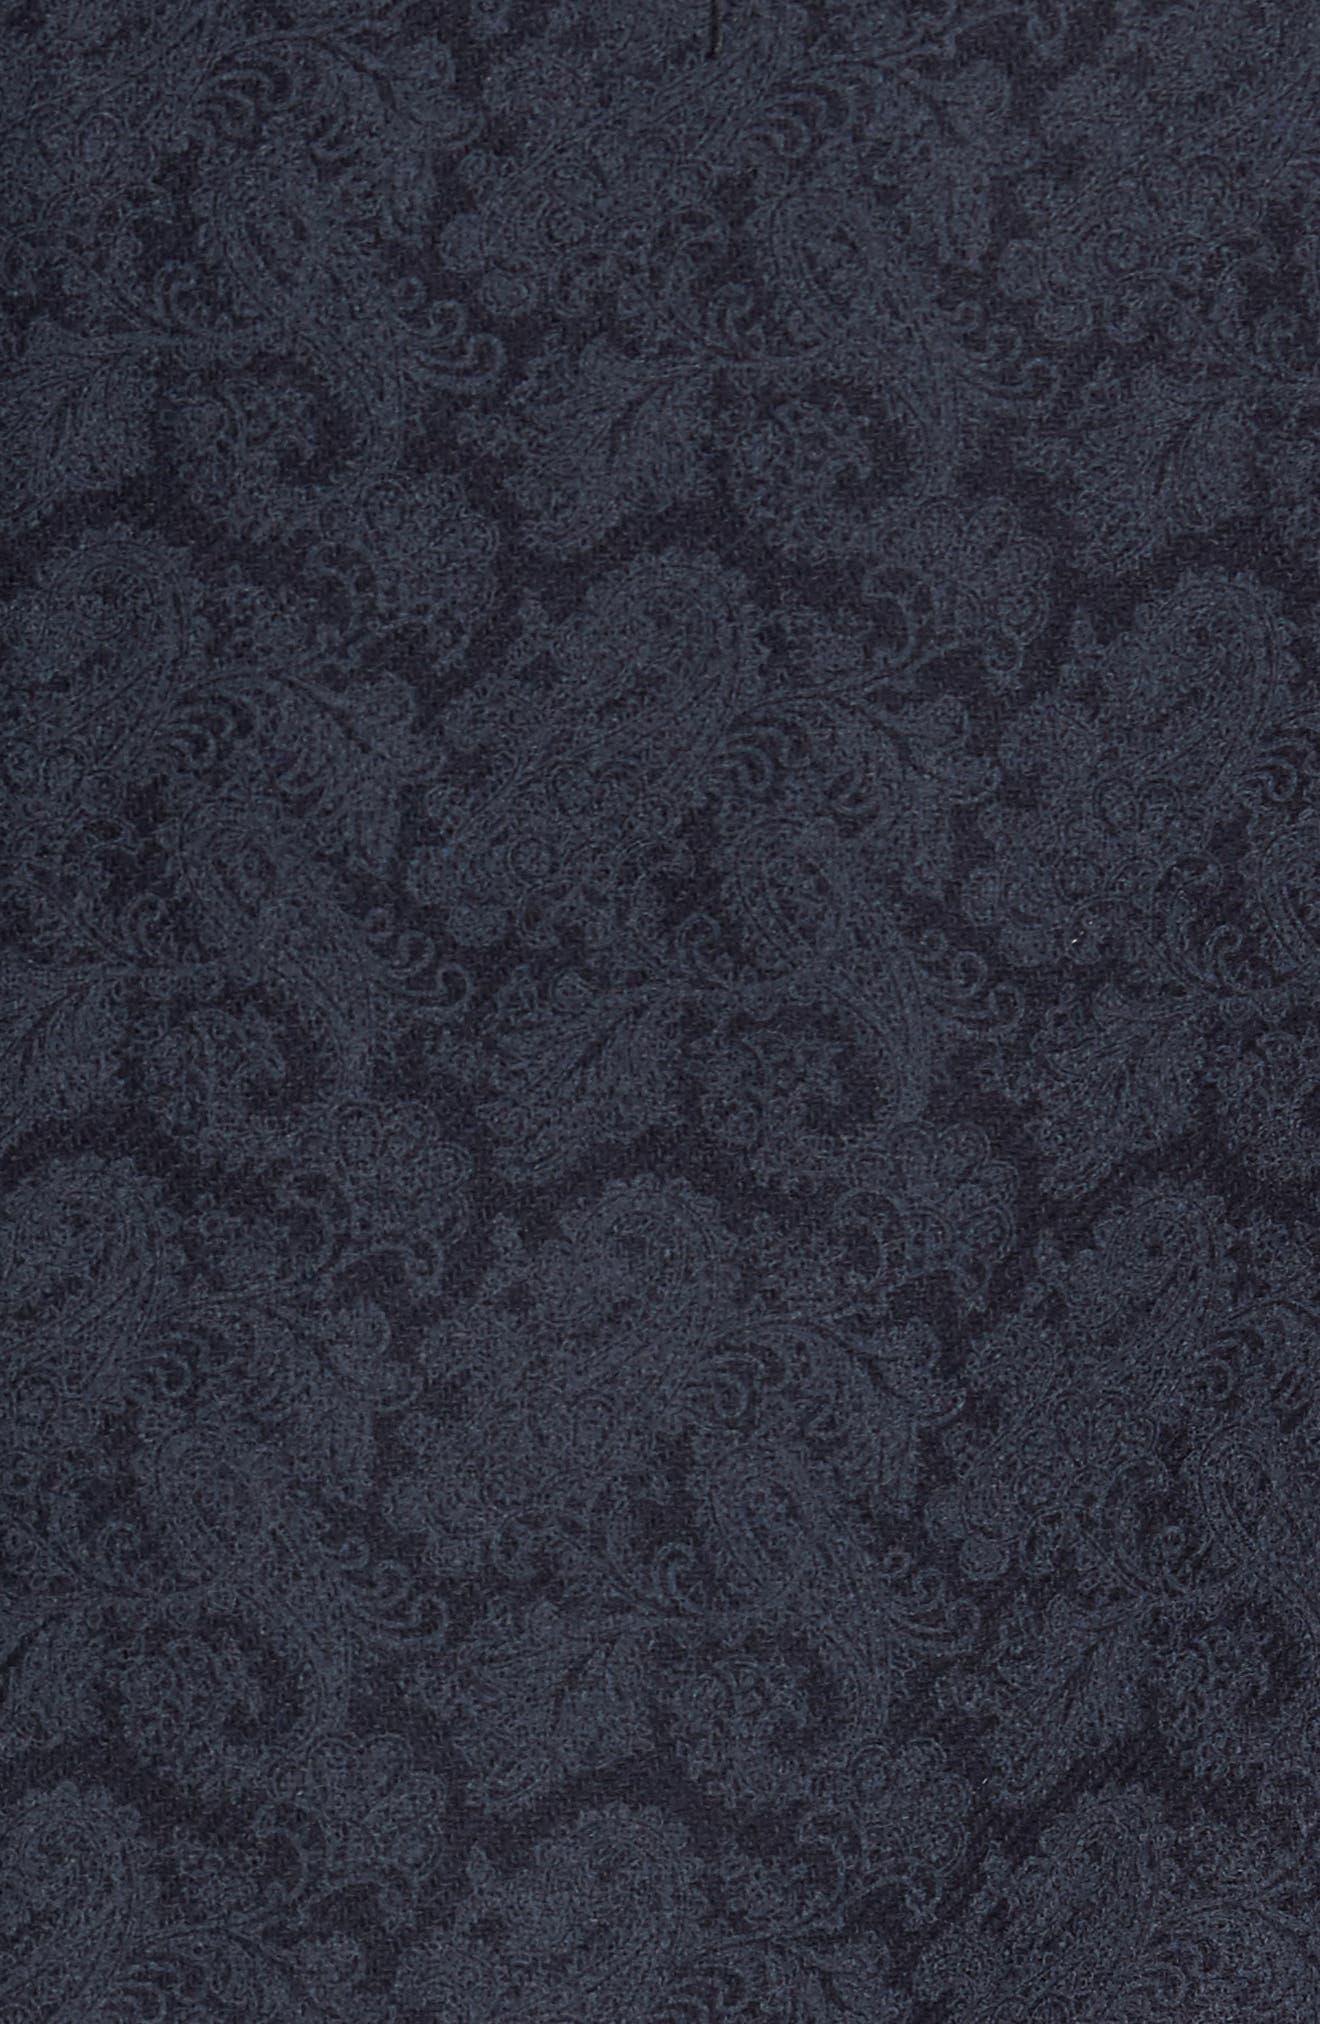 Trim Fit Paisley Wool Blend Sport Coat,                             Alternate thumbnail 6, color,                             403